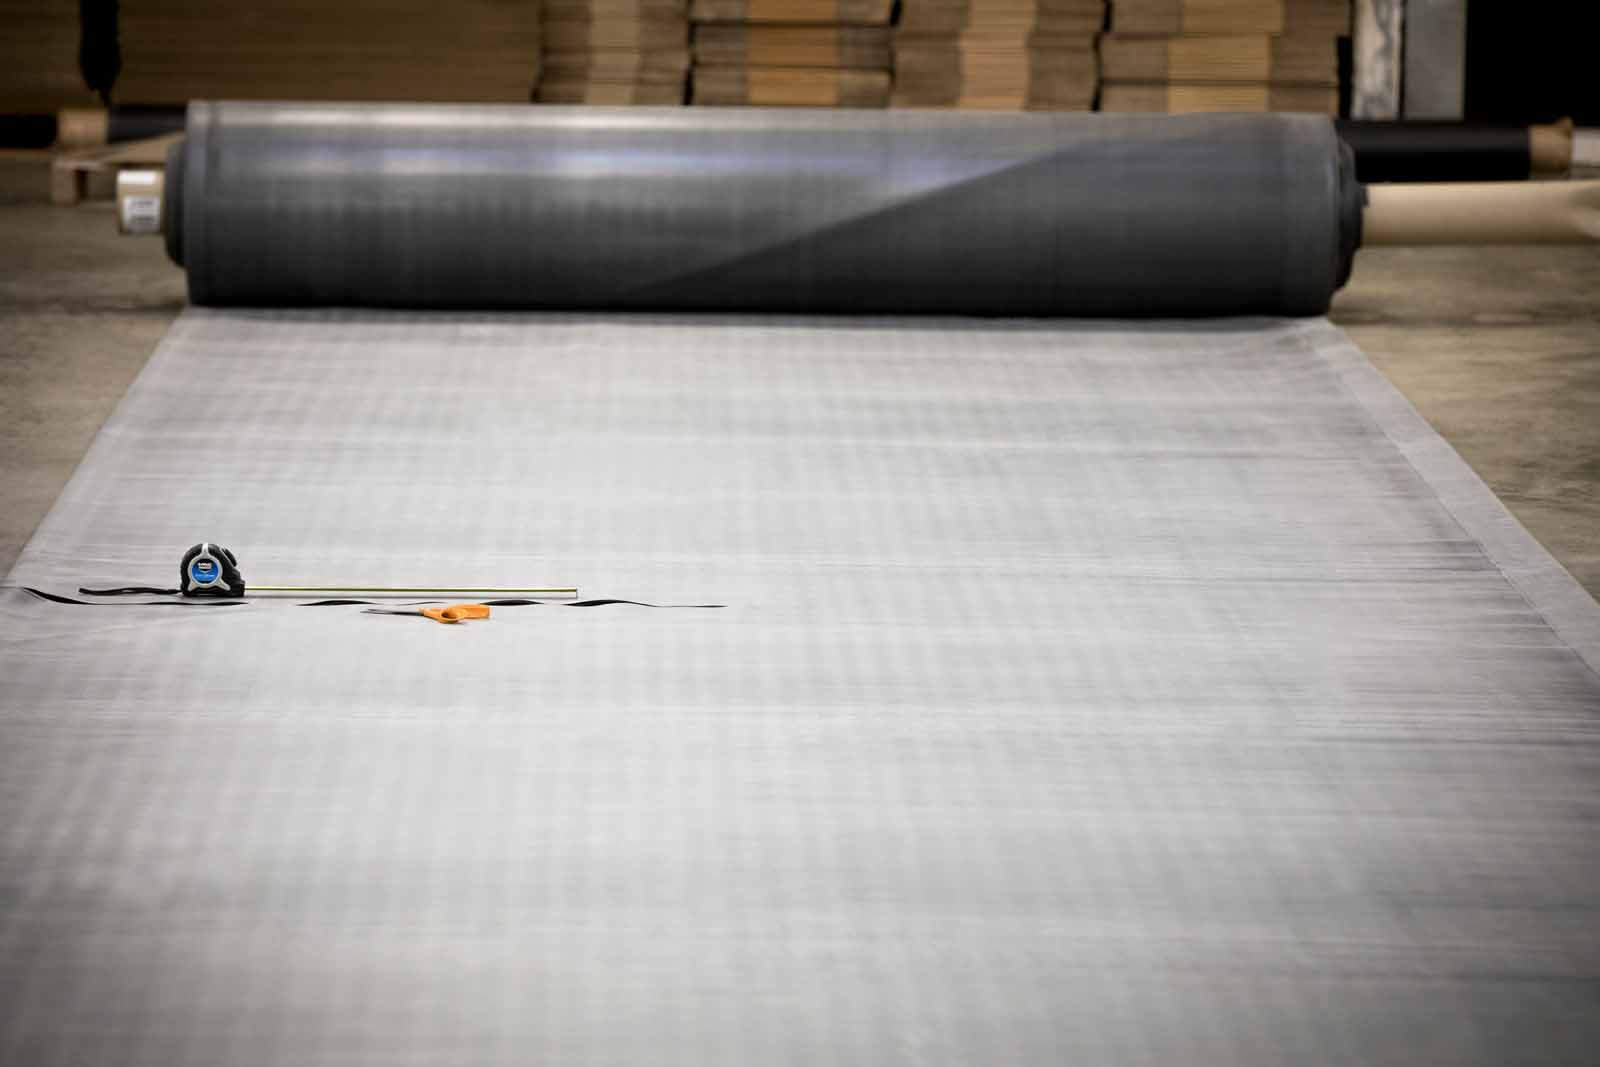 choisissez votre longueur de membrane epdm bassin ep 1 02mm. Black Bedroom Furniture Sets. Home Design Ideas